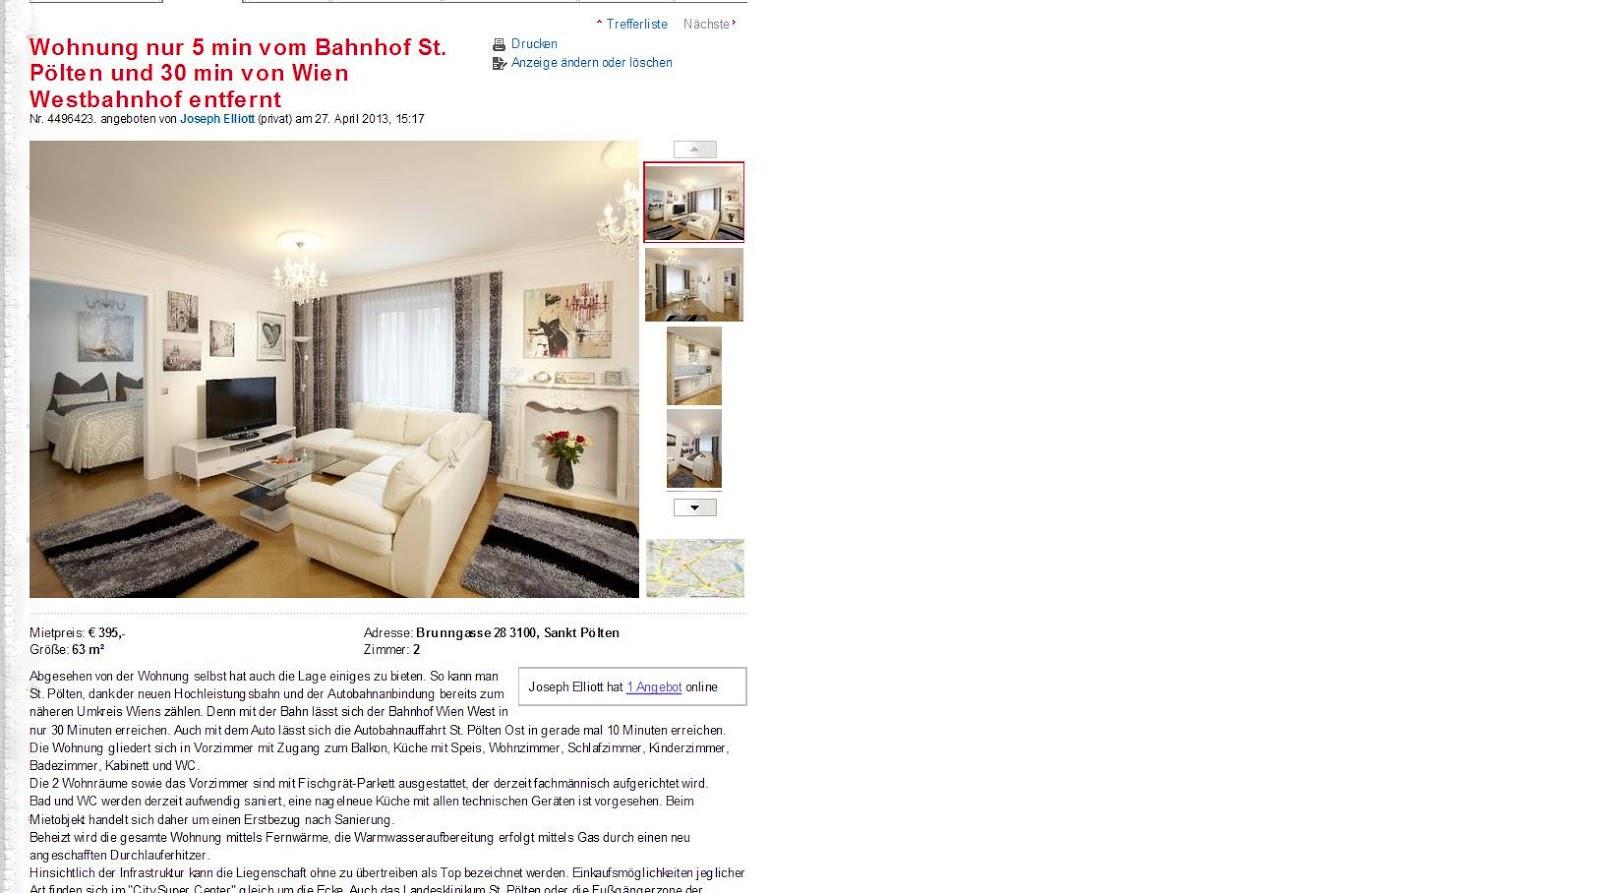 wohnungsbetrug2013 | Informationen über Wohnungsbetrug | Seite 268